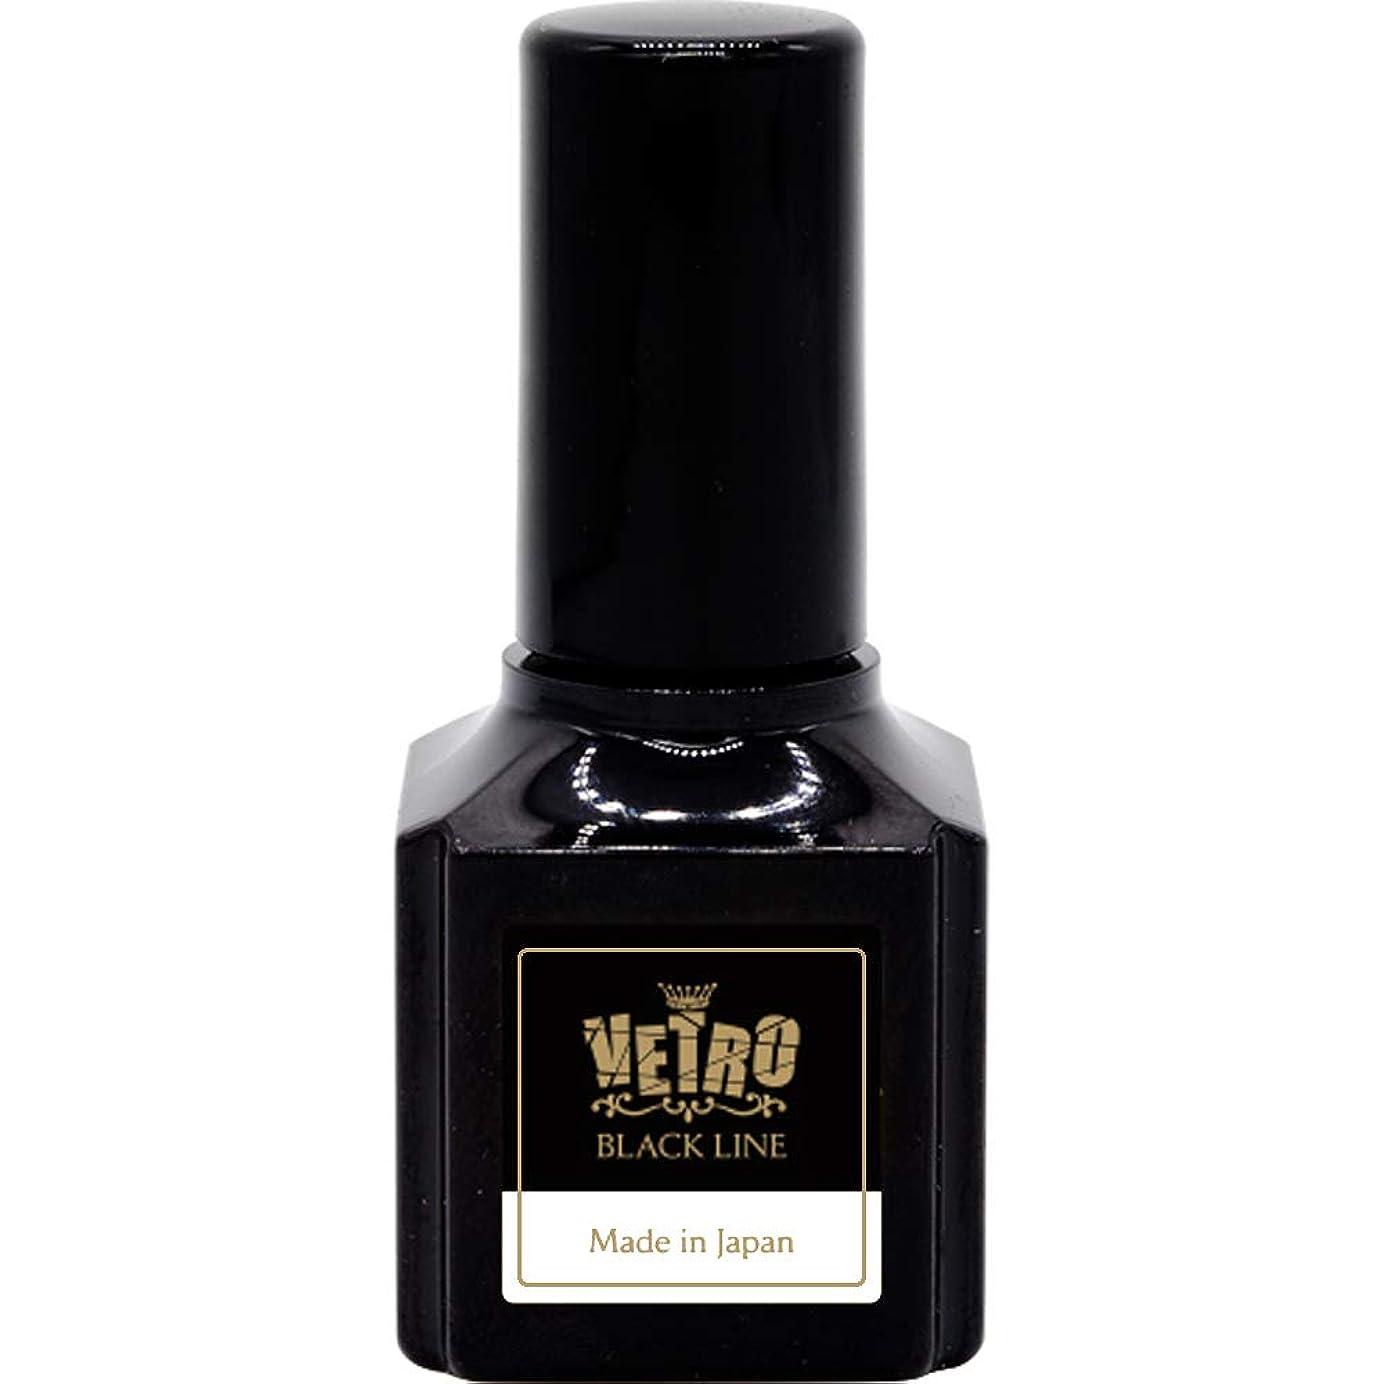 肉腫びっくりした寓話VETRO GP BLACK LINE カラージェル B288 スタジオNo.288 16ml UV/LED対応 ソークオフジェル